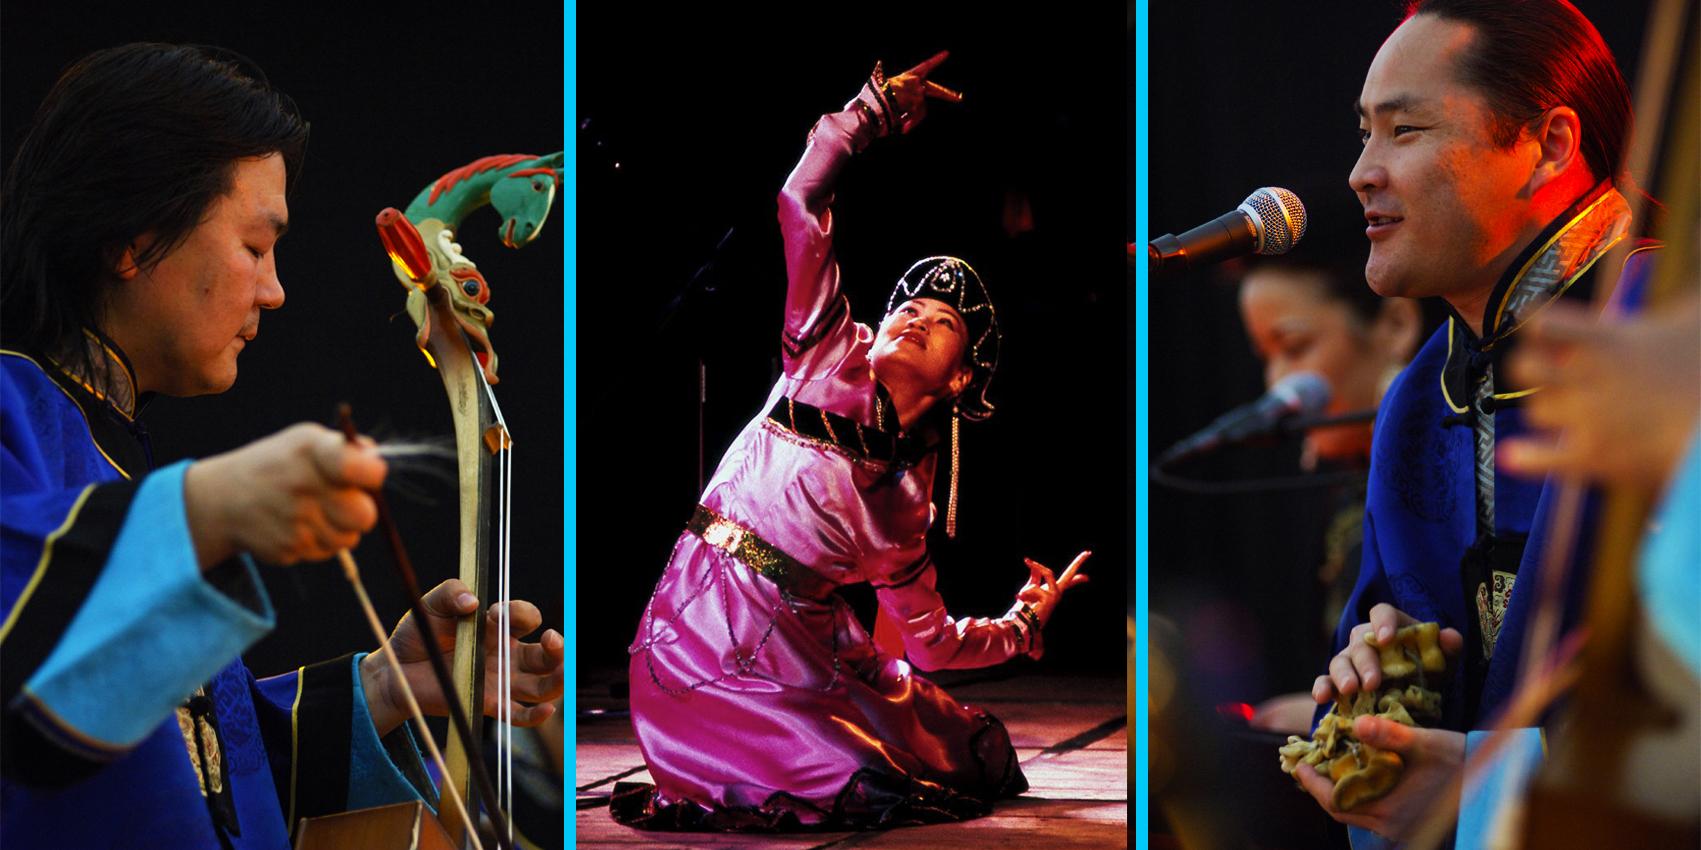 EGSCHIGLEN (Mongolia) - in concert